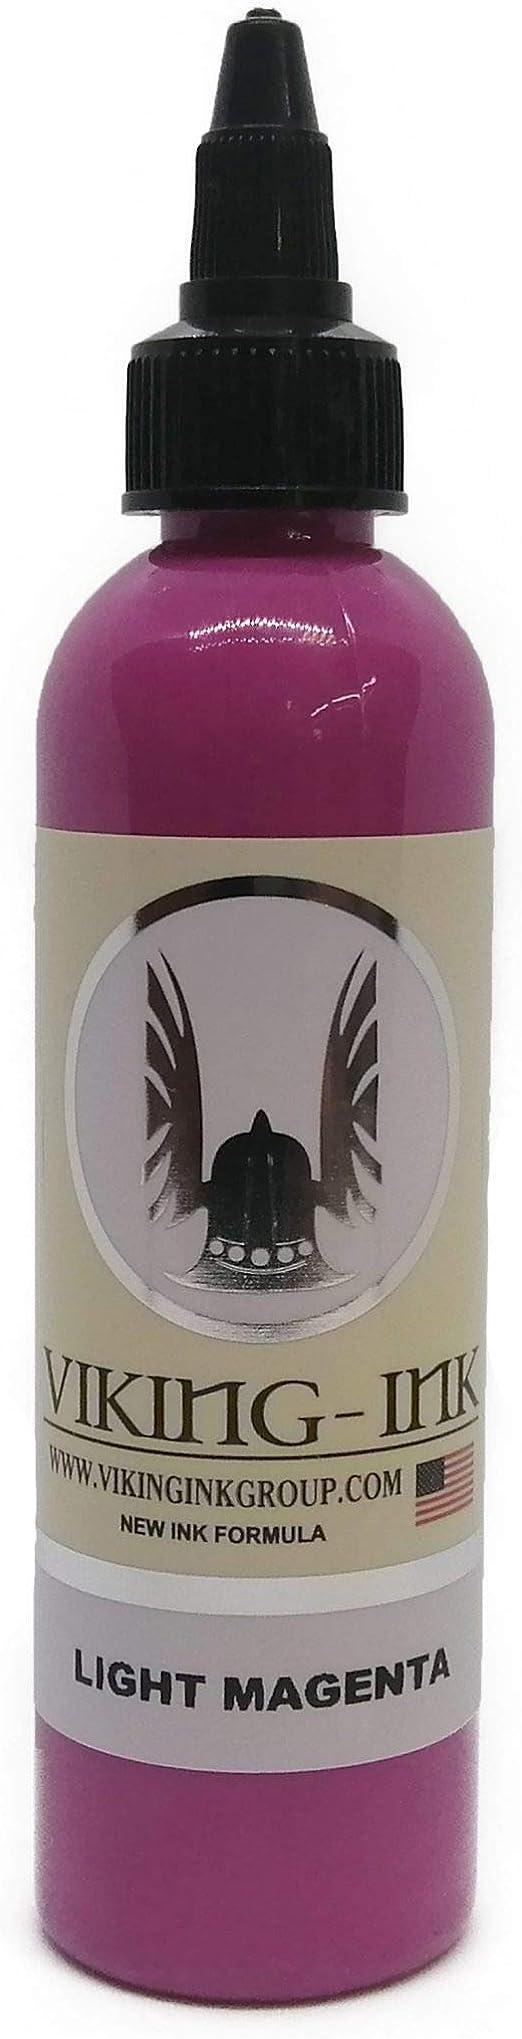 Tinta para tatuaje - LIGHT MAGENTA 4oz (120ml) - VIKING INK USA - Los mejores colores y negros en tintas para tatuaje del mercado - VEGANAS